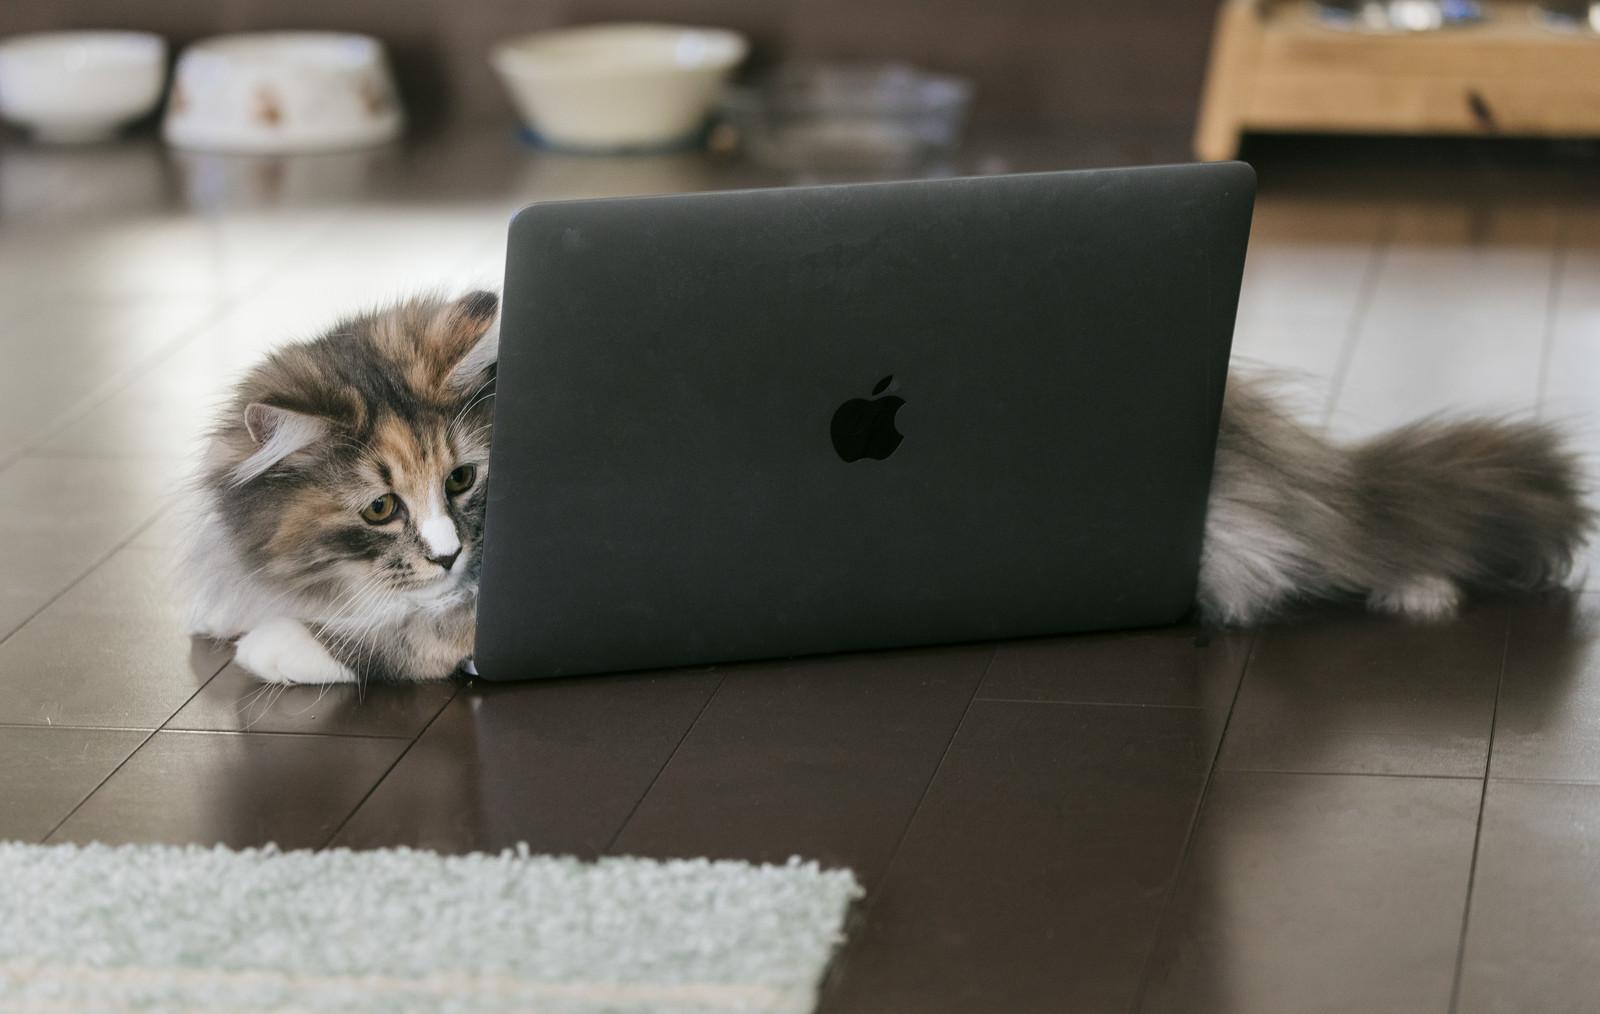 そうだ、Macbook Pro 13 inchを購入しよう(検討中)